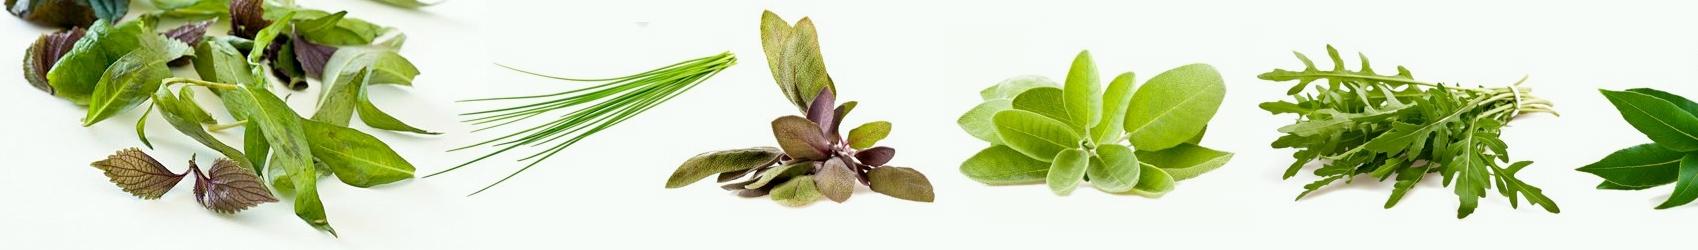 Hierbas arom ticas al por mayor y hosteler a for Cultivo de plantas aromaticas y especias